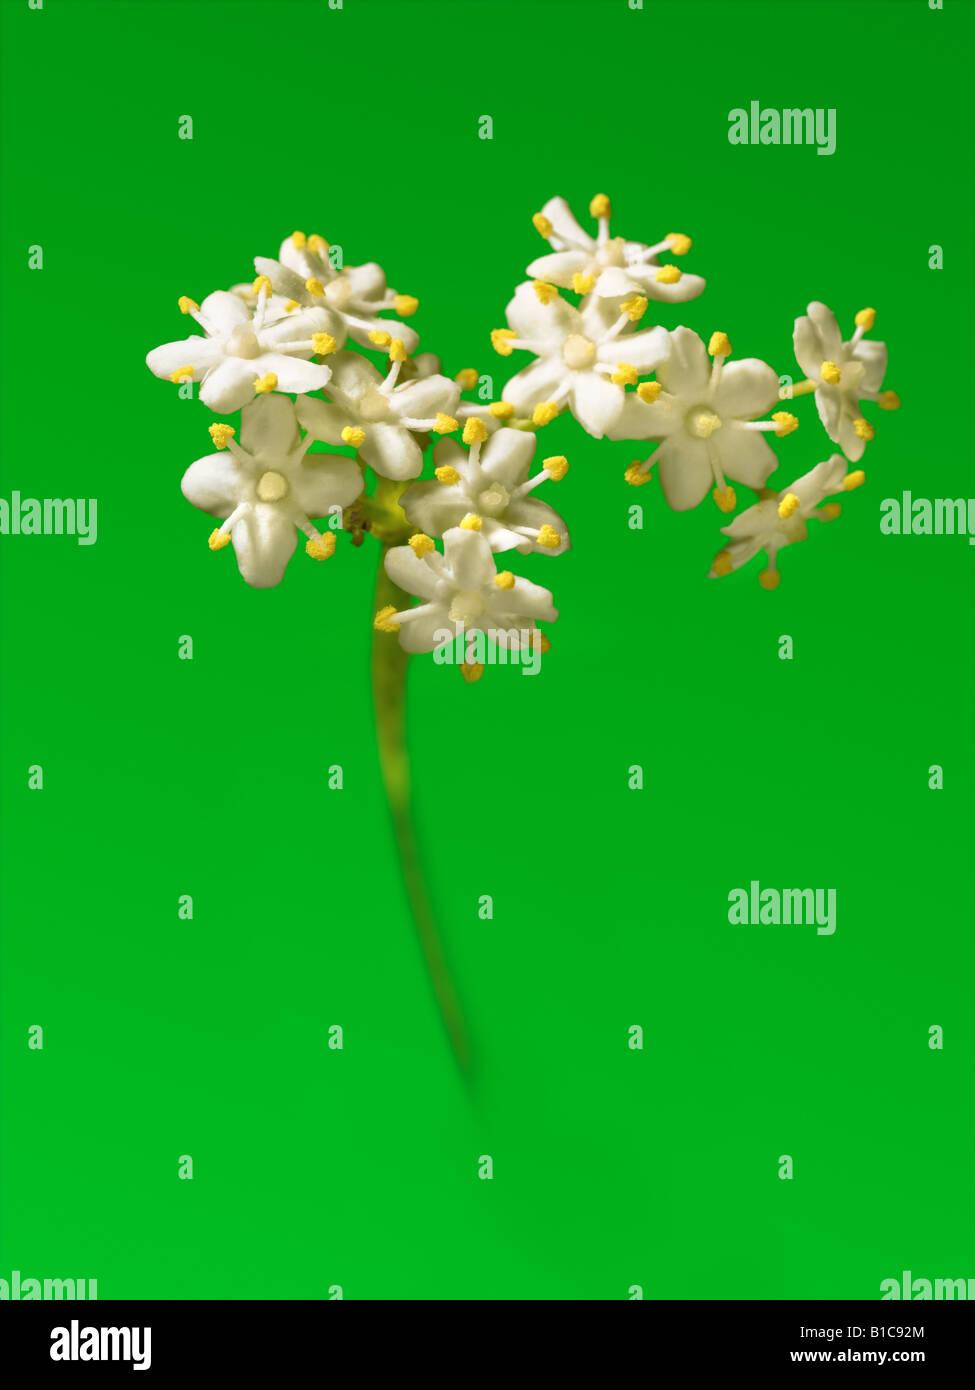 Elderflower - Stock Image